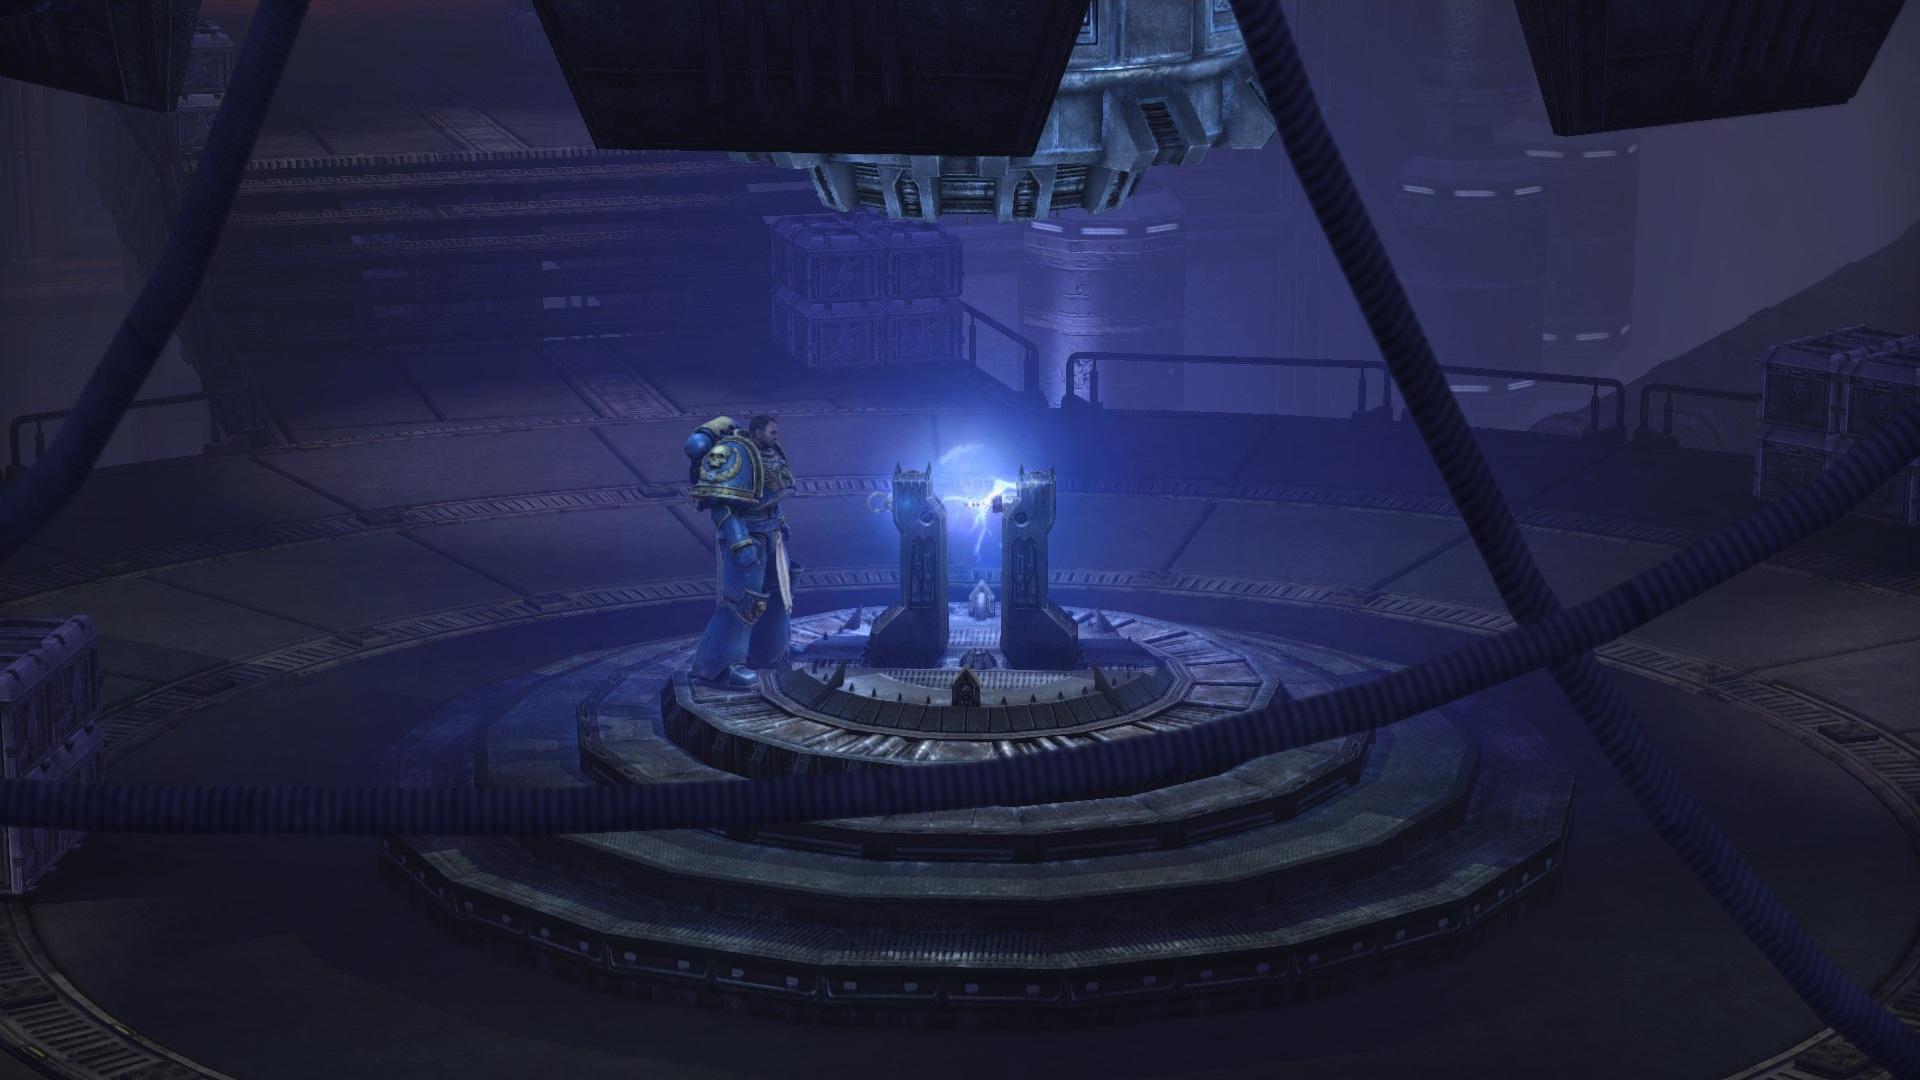 spacecraft power sources - photo #17